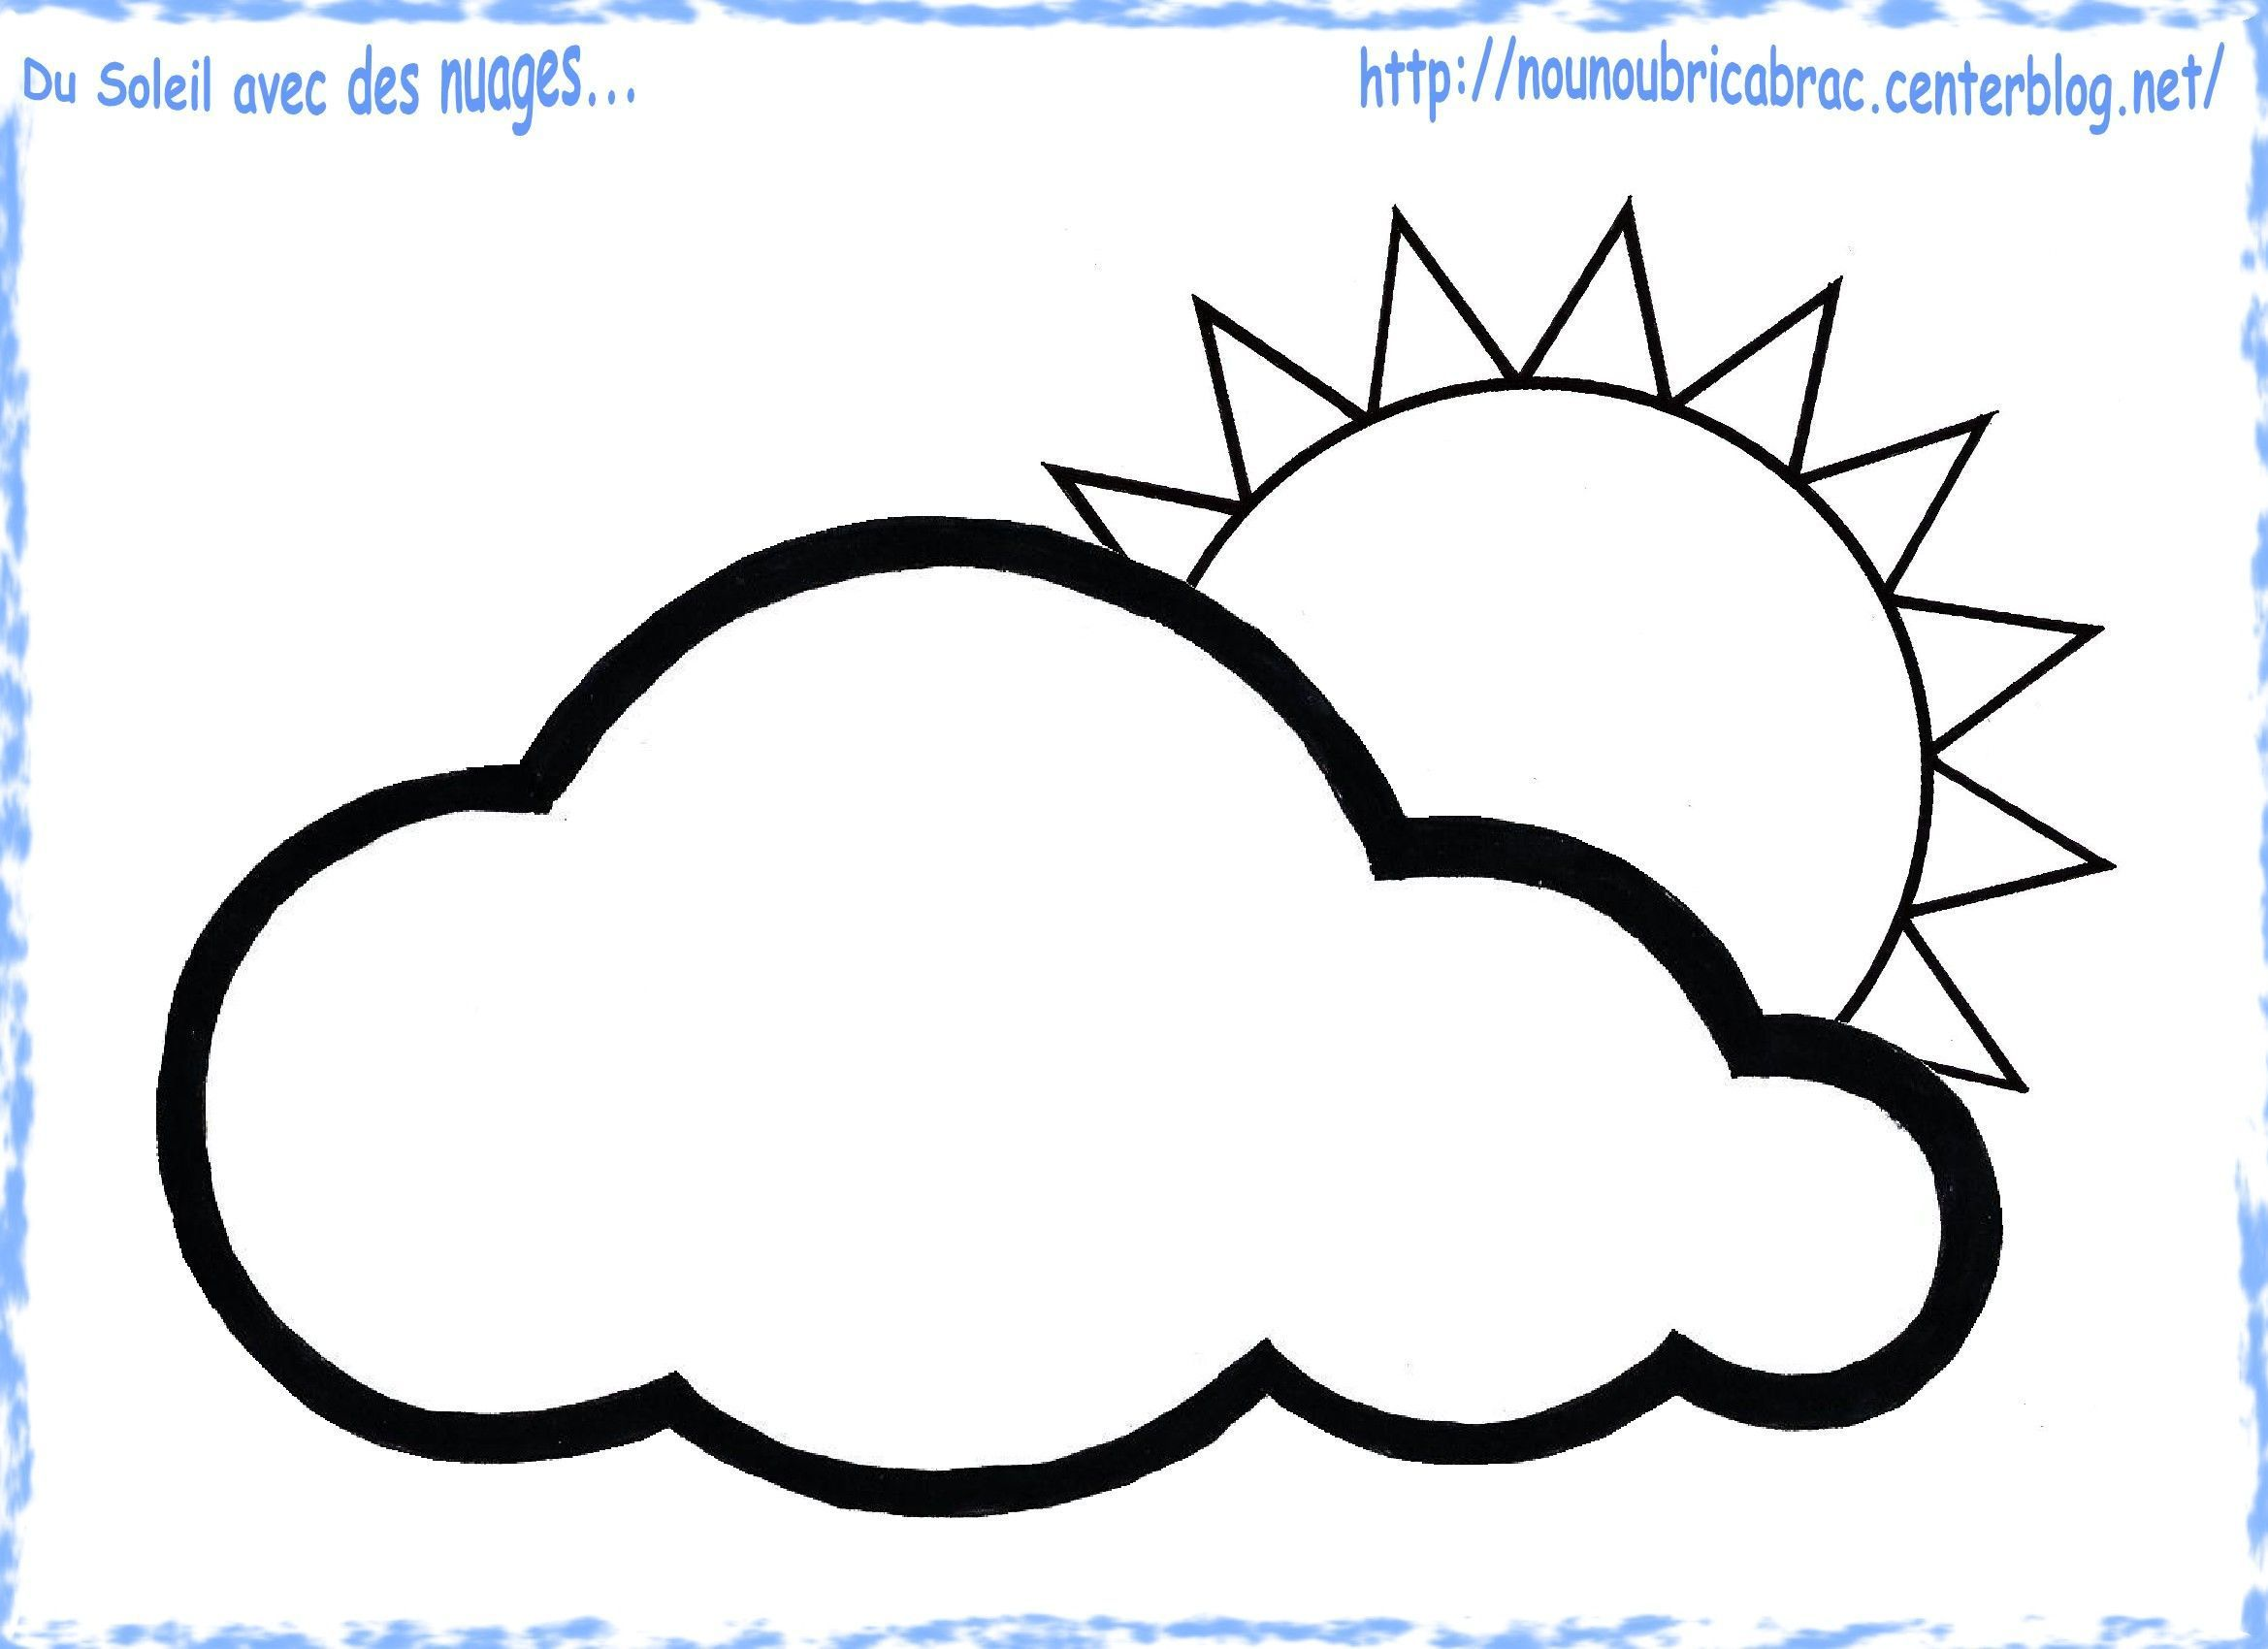 Du Soleil avec un Nuage à colorier... pour notre Grenouille Météo